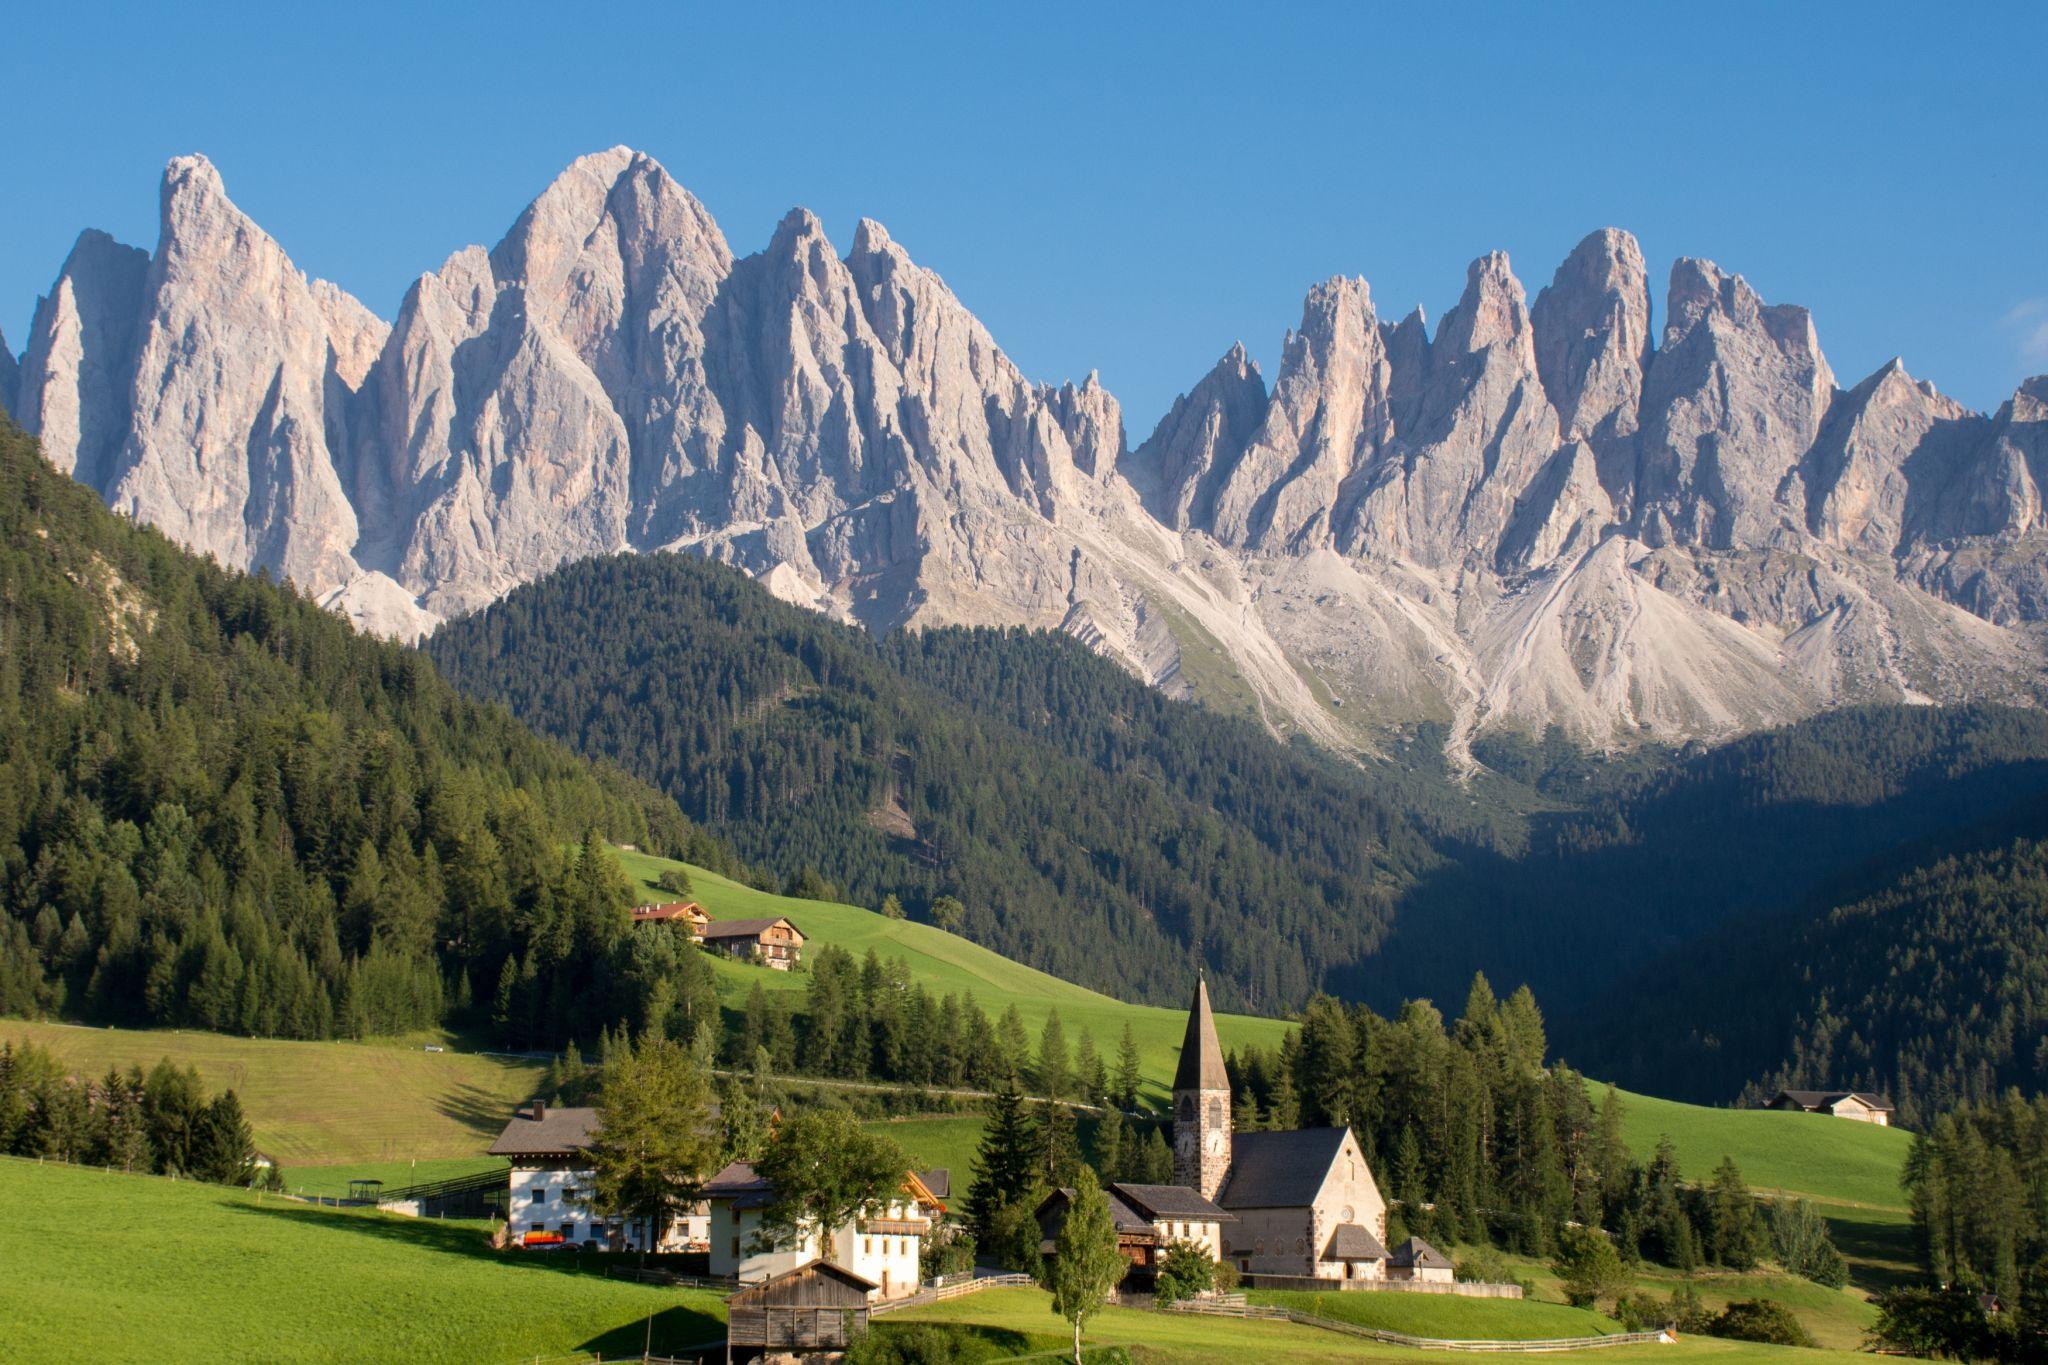 St. Magdalena, Italy